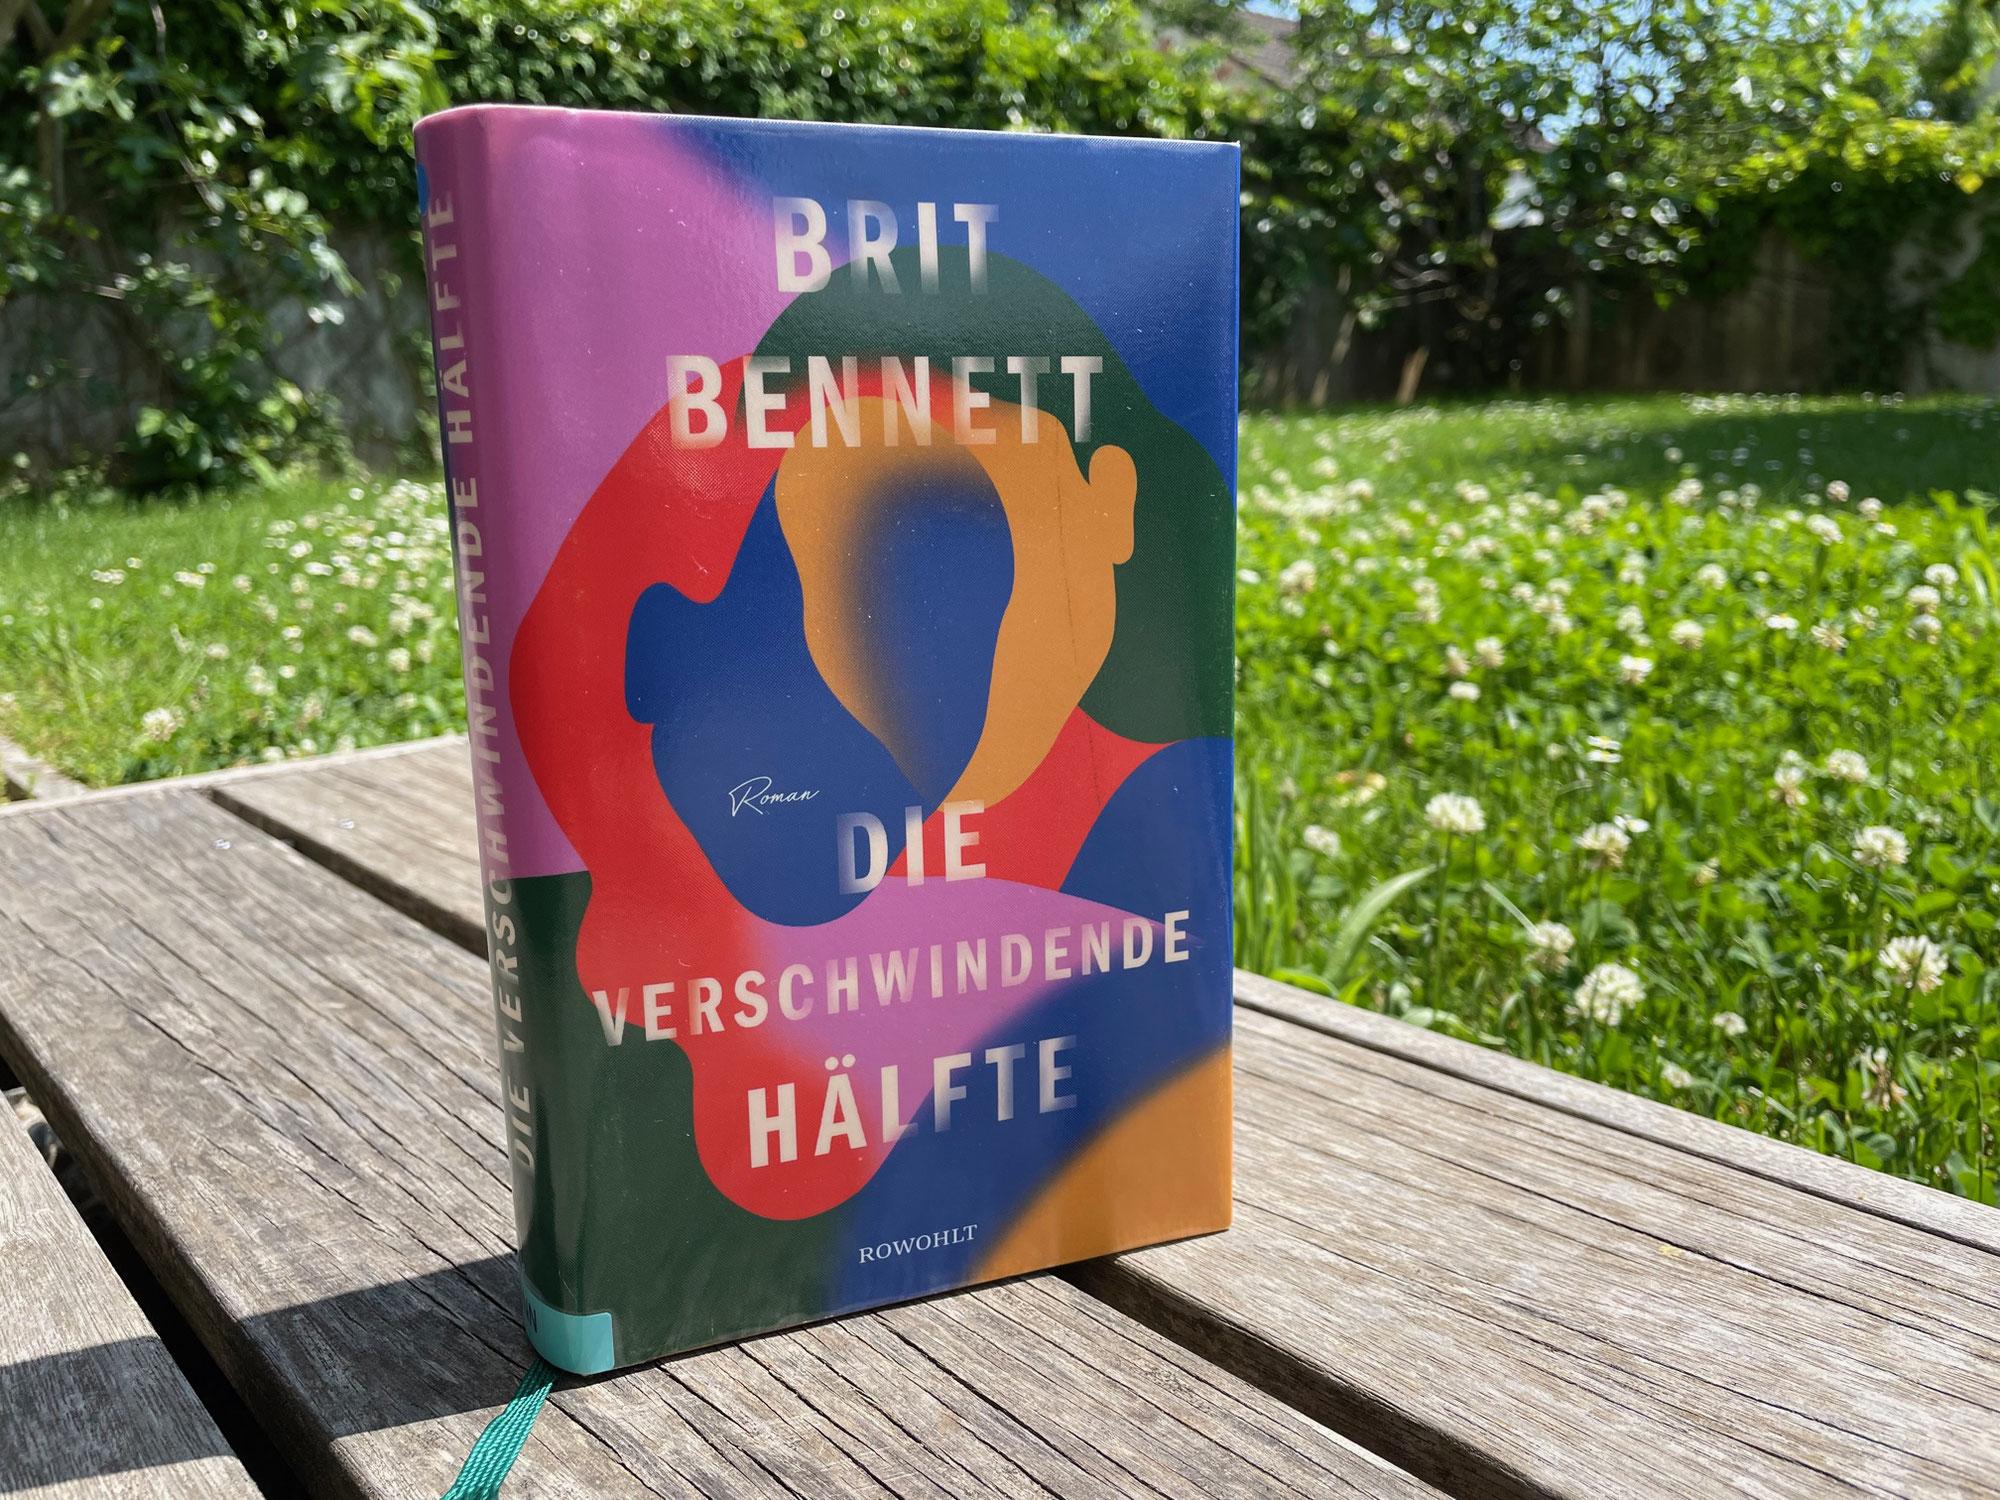 Brit Bennett: Die verschwindende Hälfte (2020) / The Vanishing Half (2020)